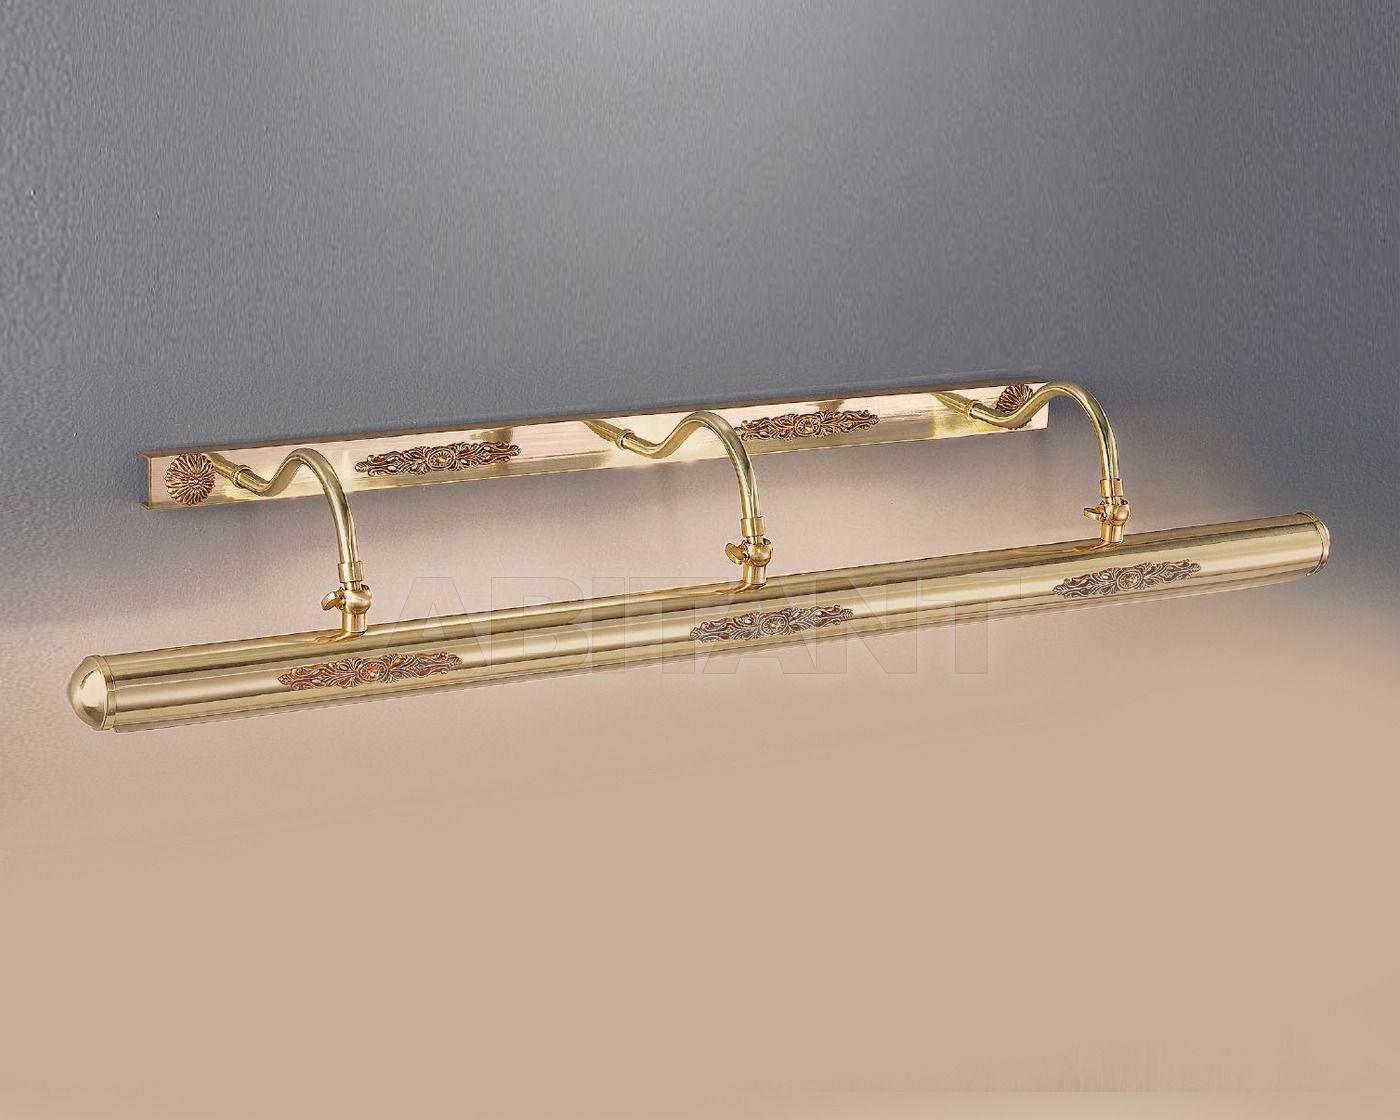 Купить Подсветка Nervilamp Snc Nervilamp 2013 01053